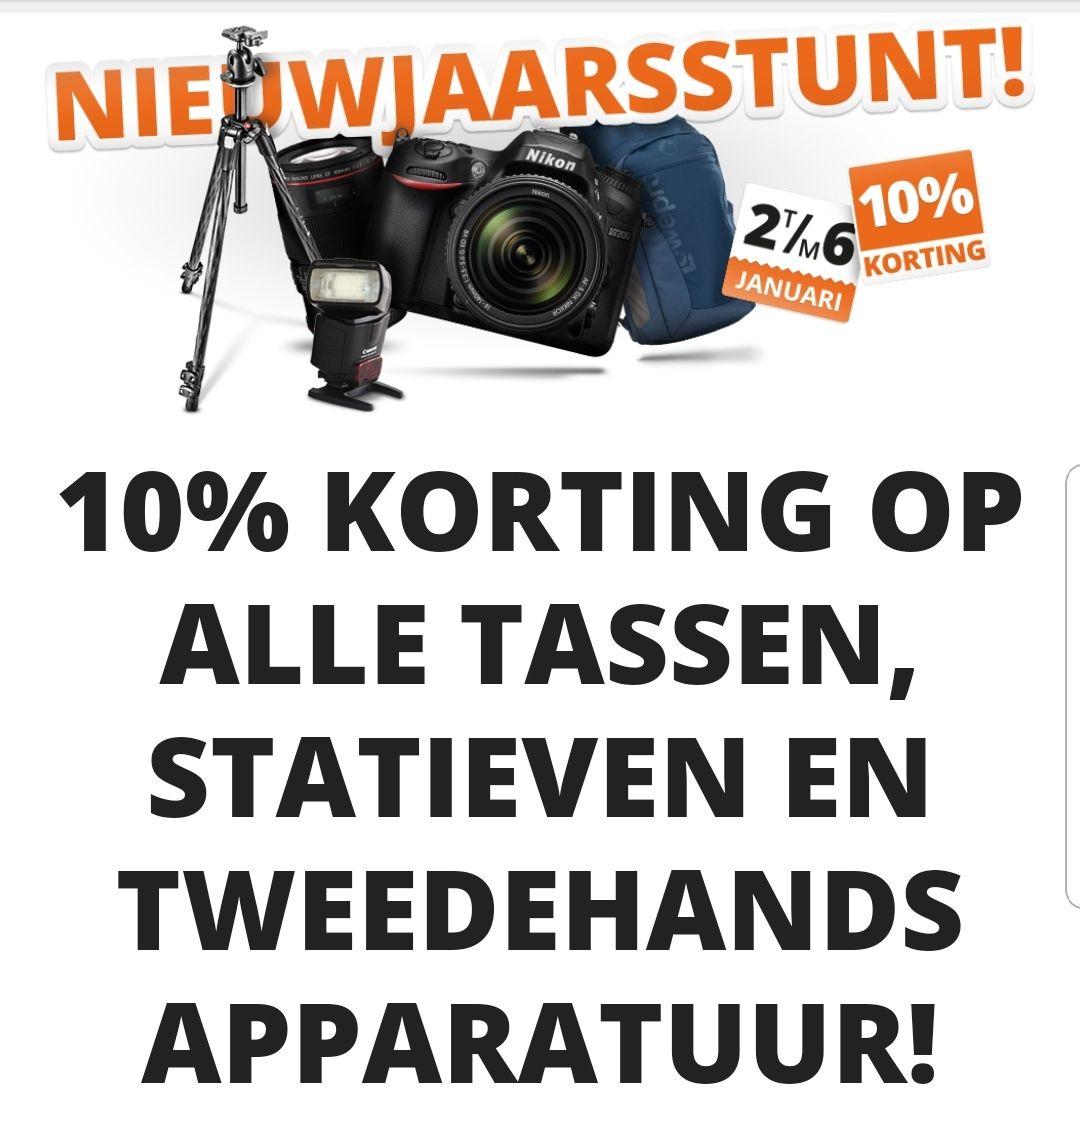 Nieuwjaarsactie: 10% korting op álle tassen, statieven en tweedehands apparatuur! @Cameraland